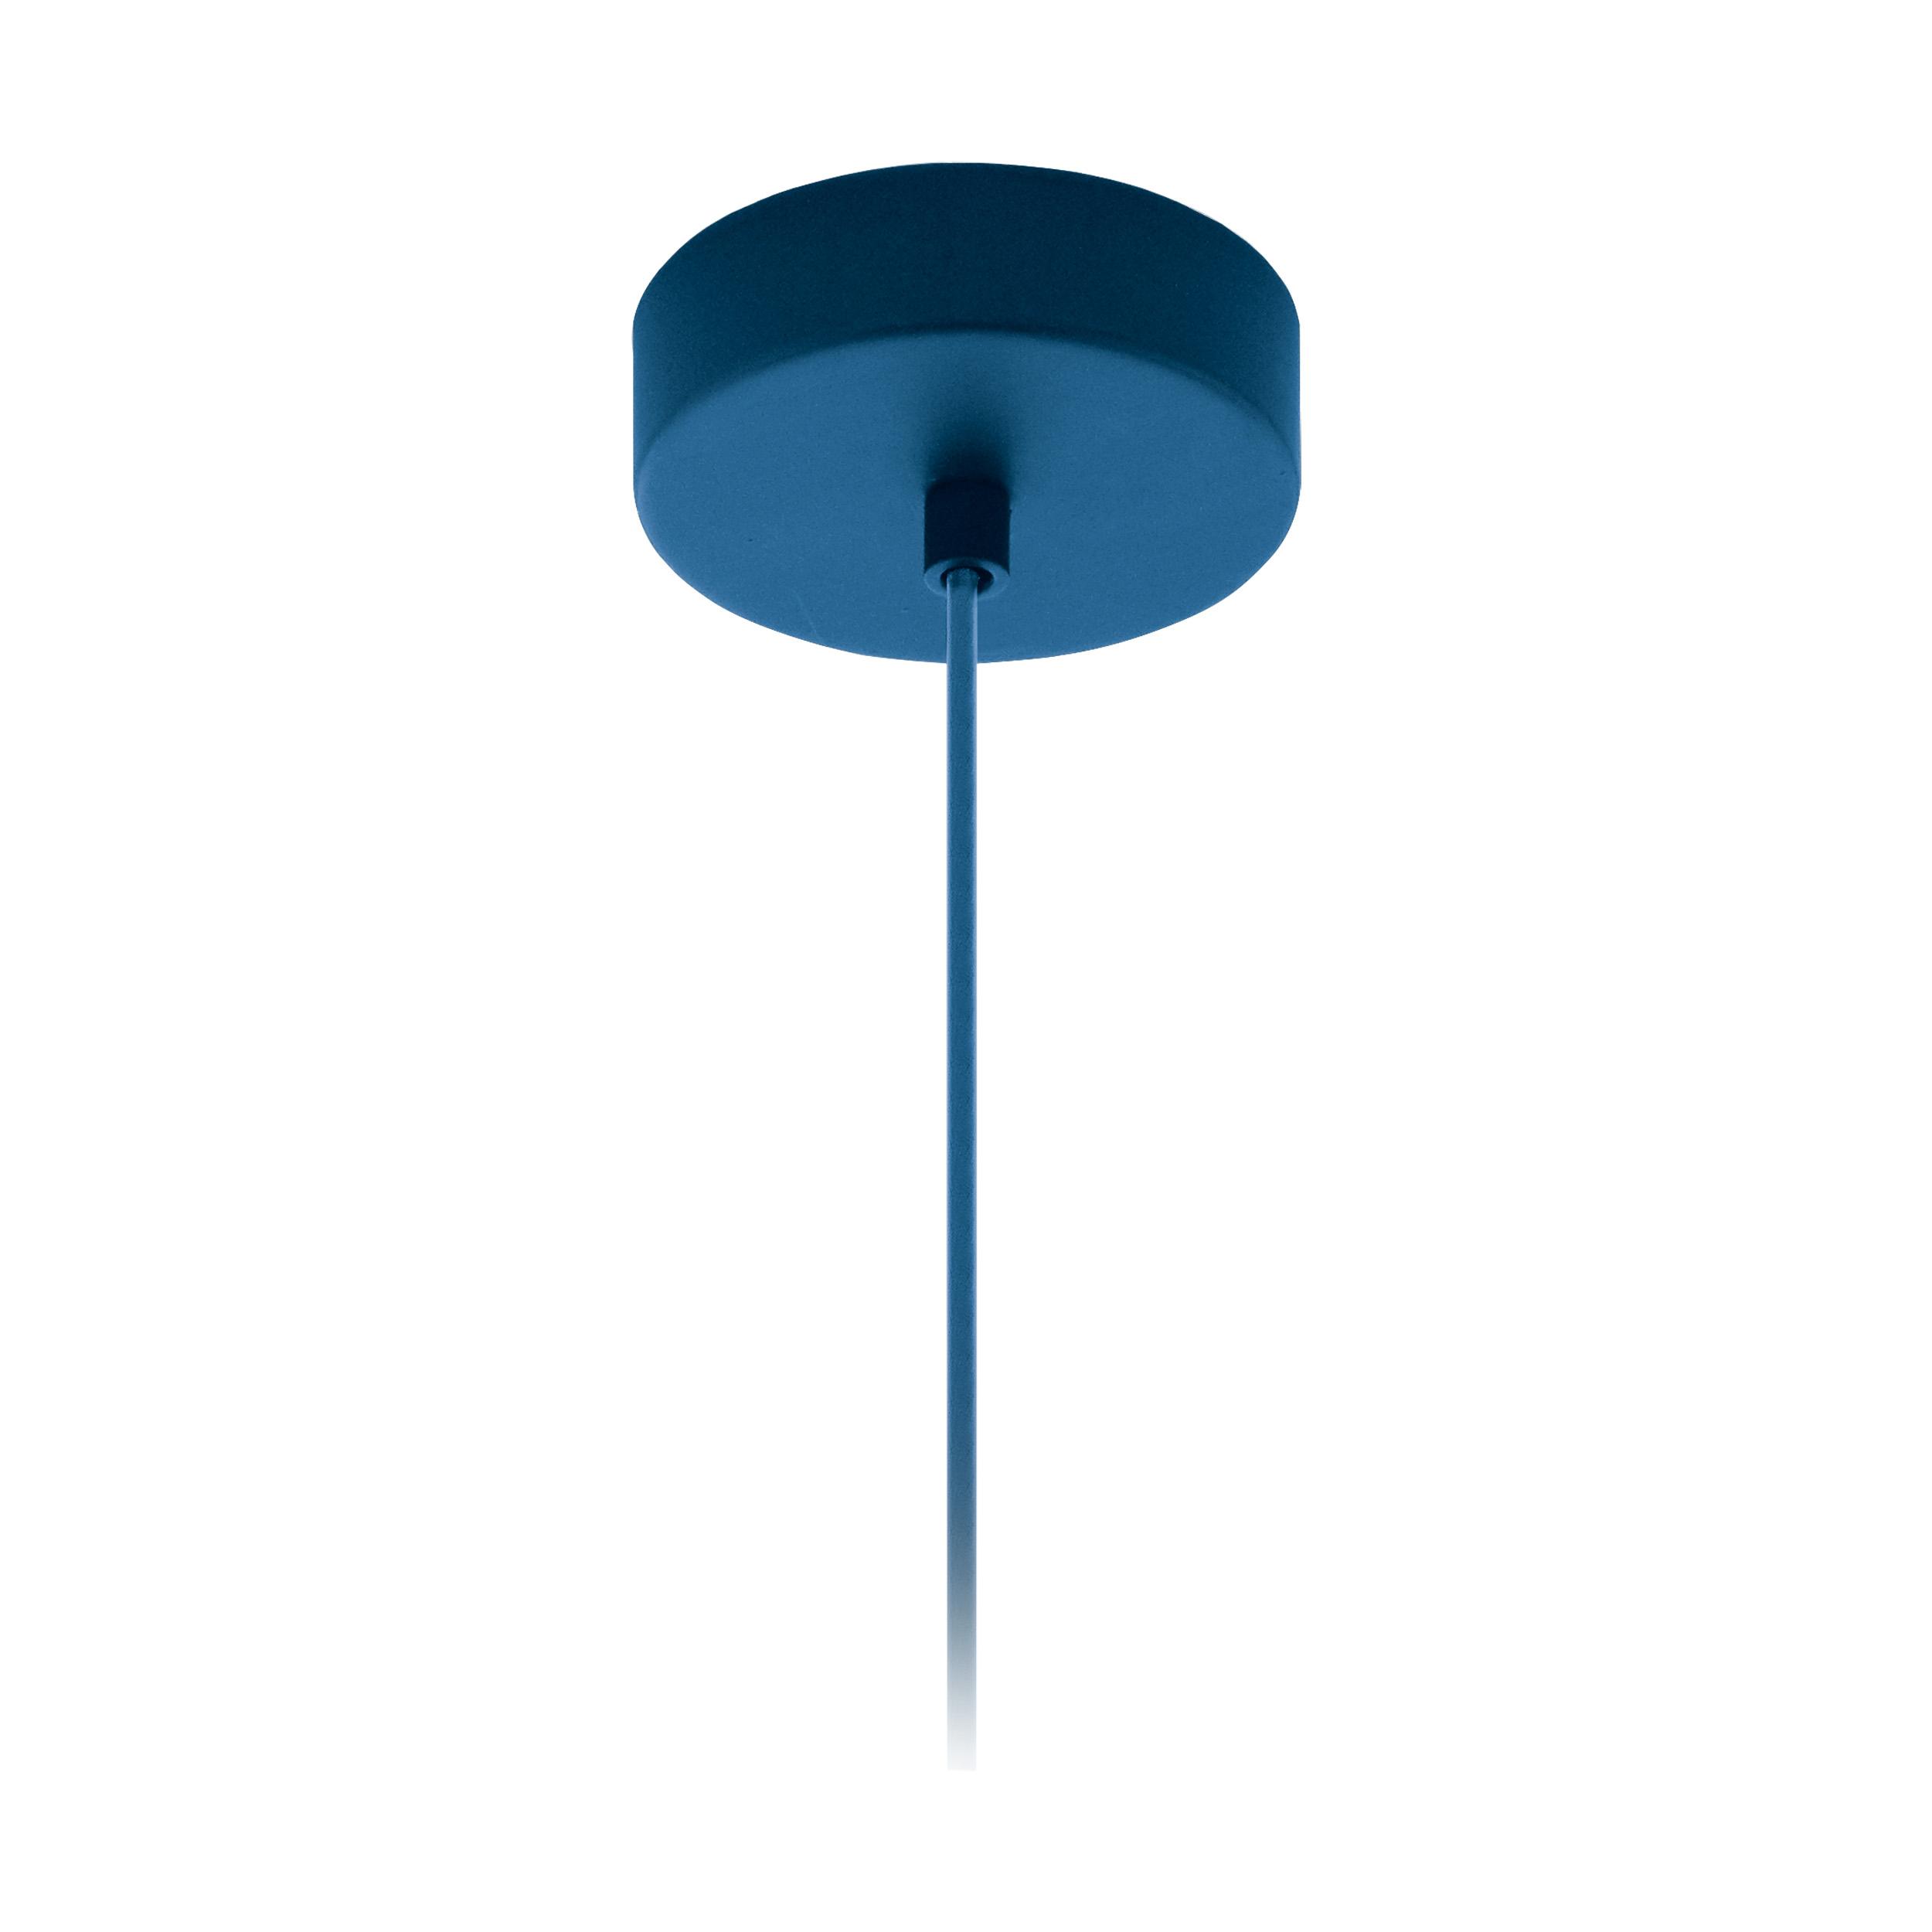 1 Stk Baldachin 1-fach, Aufbau enzianblau (RAL 5010)  LI62764---